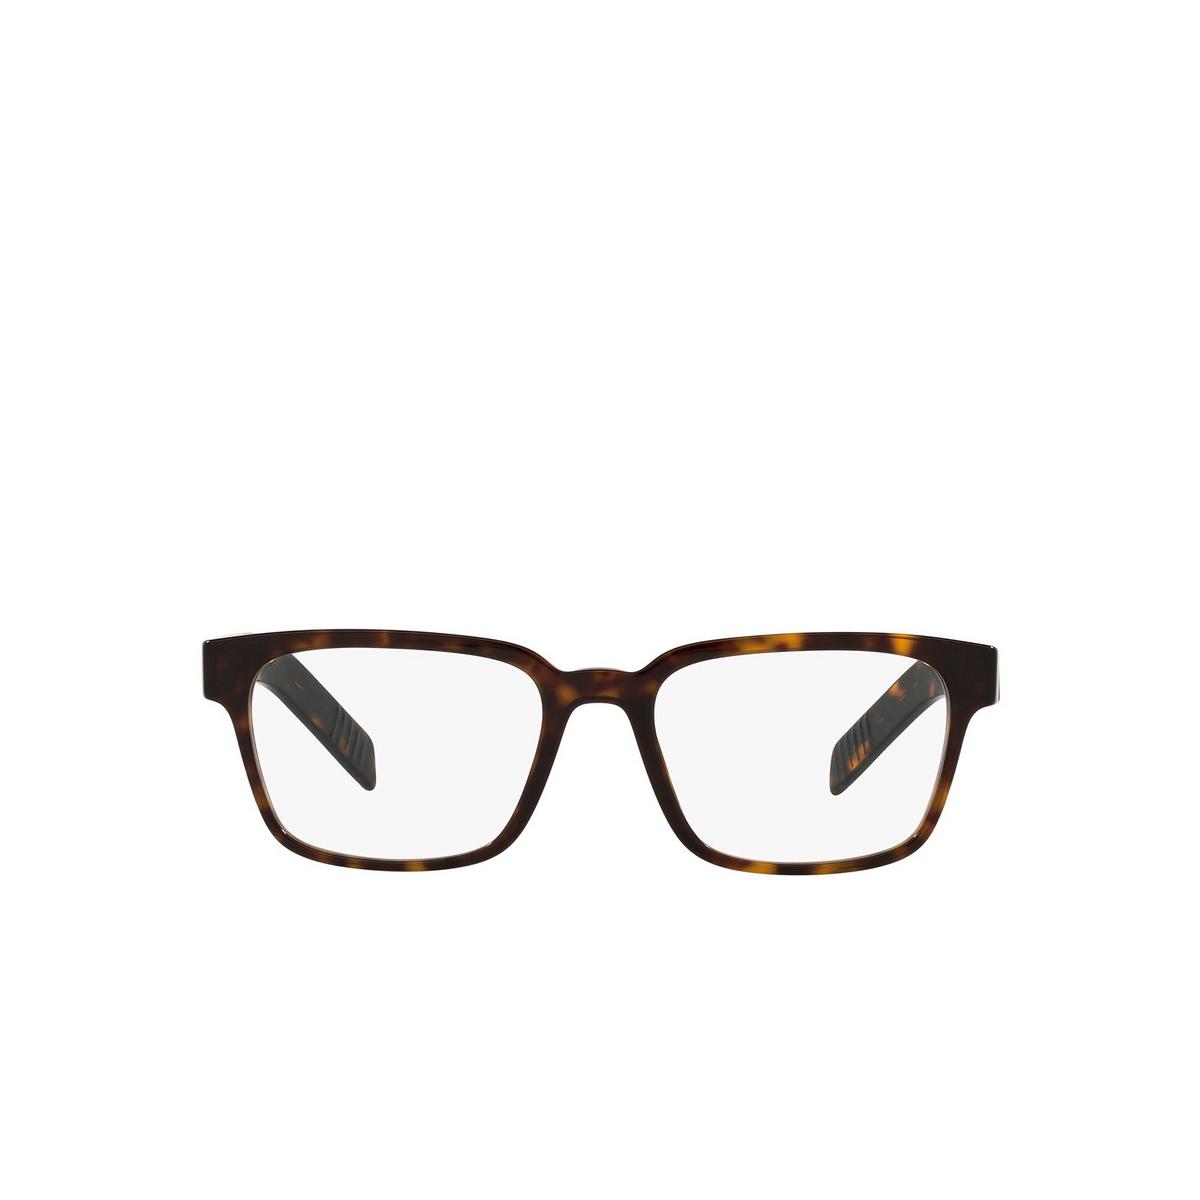 Prada® Rectangle Eyeglasses: PR 15WV color Tortoise 2AU1O1 - front view.